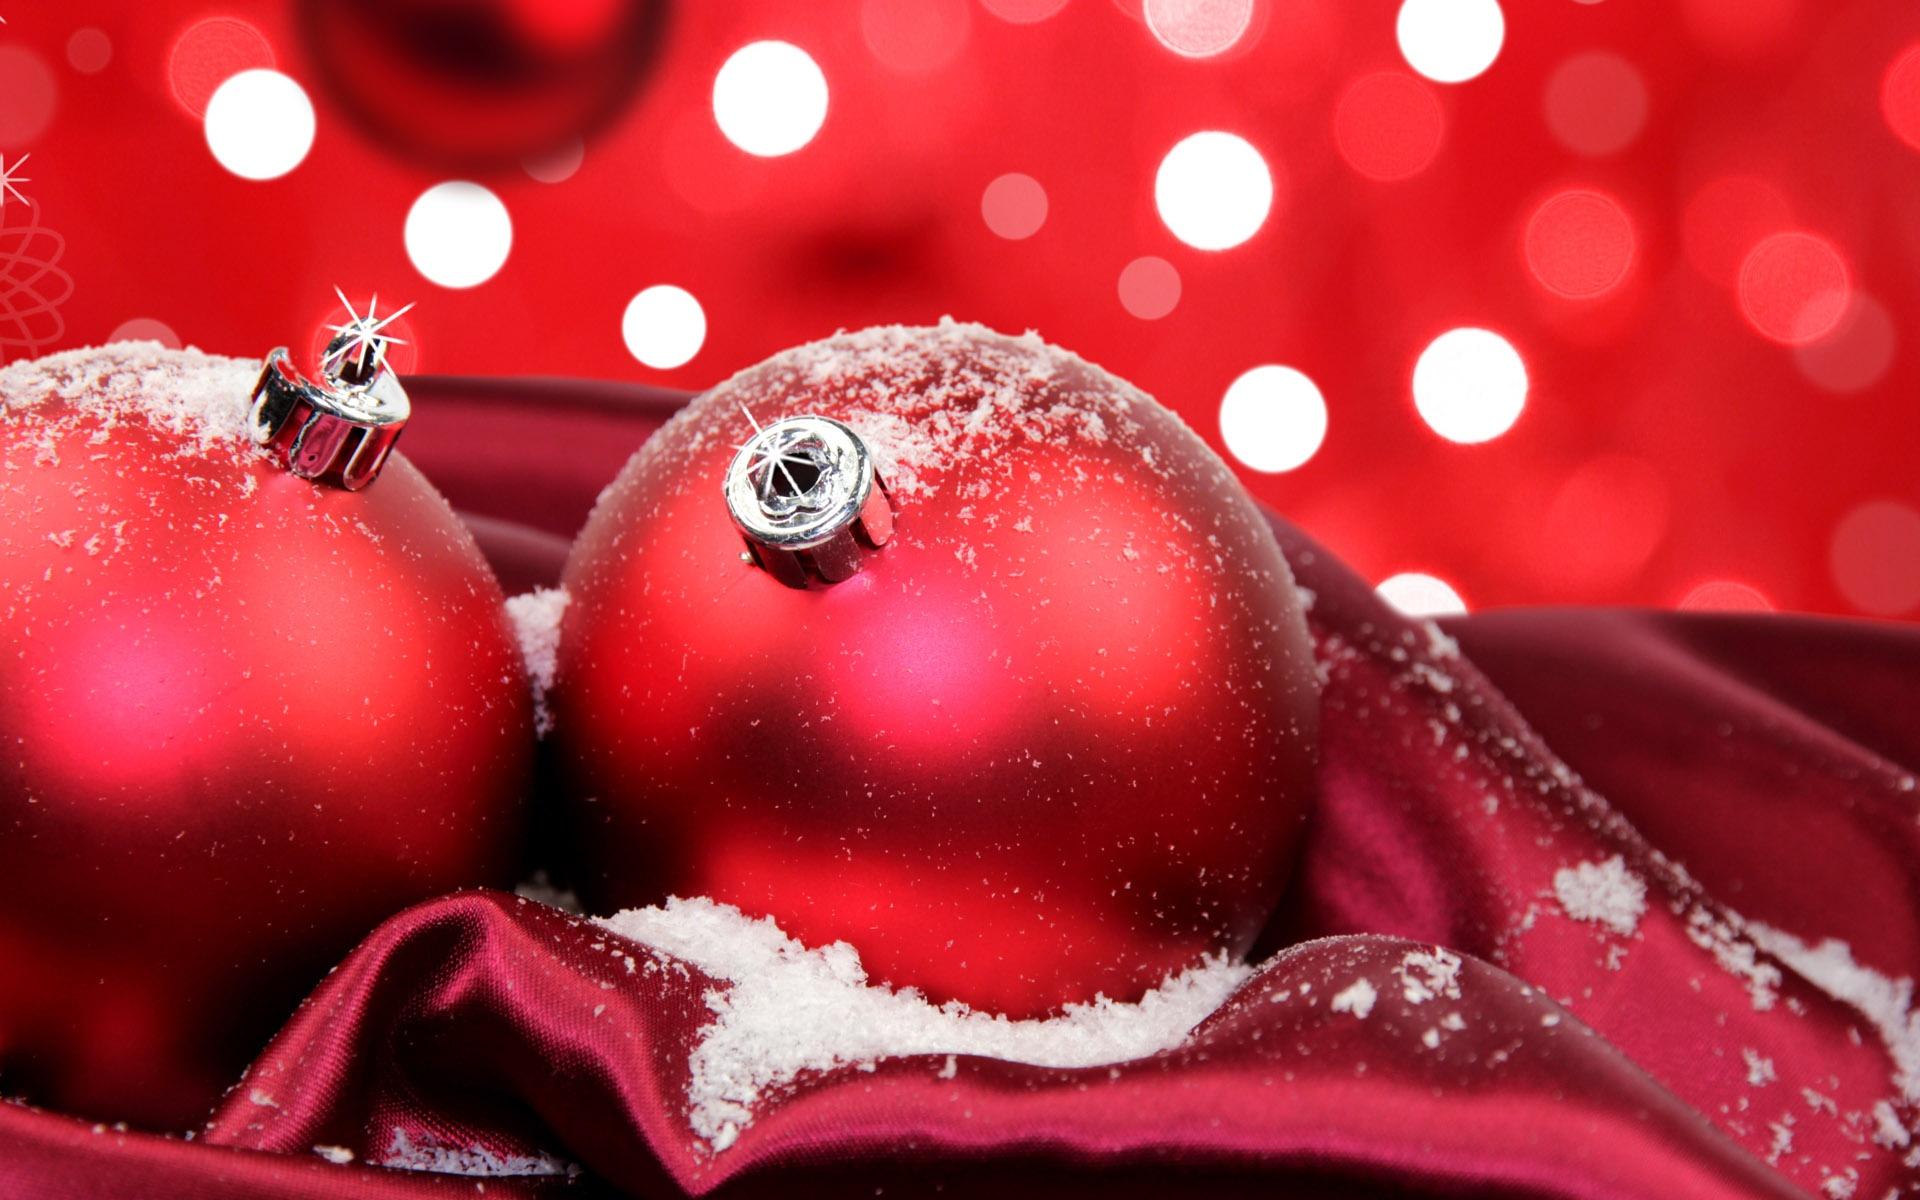 Festliche Rote Weihnachtskugeln 1920x1200 HD